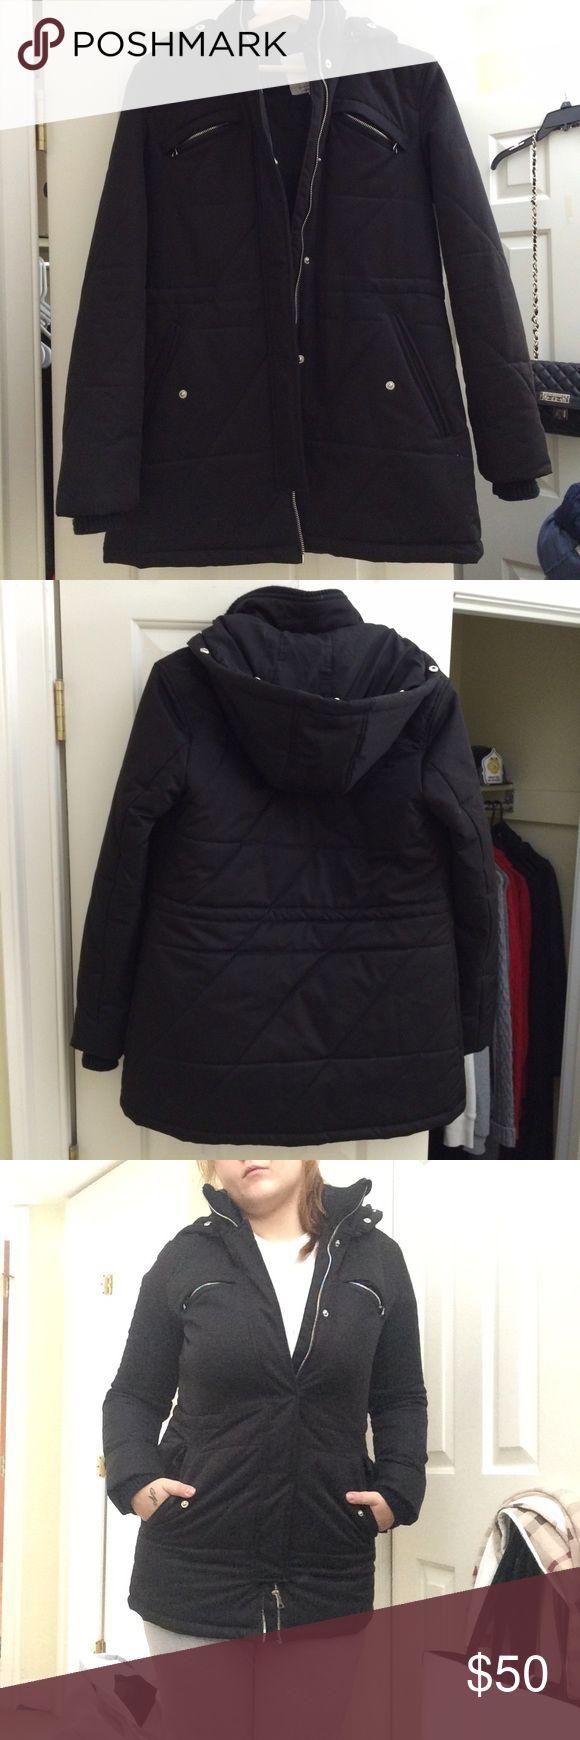 ZARA Winter coat Beautiful black Zara winter coat size M. Fits a little snug. Zara Jackets & Coats